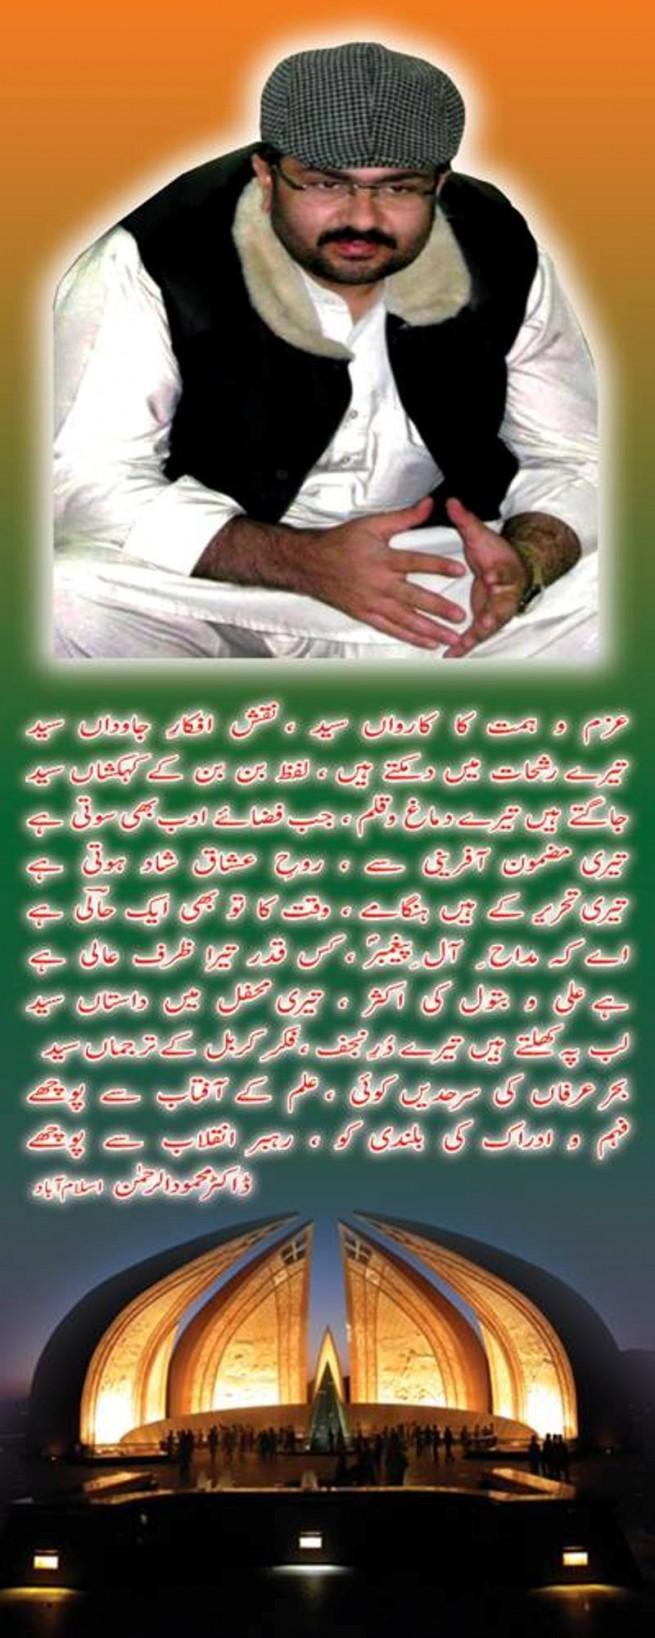 Dr. Mahmood ur Rahman Ph.D